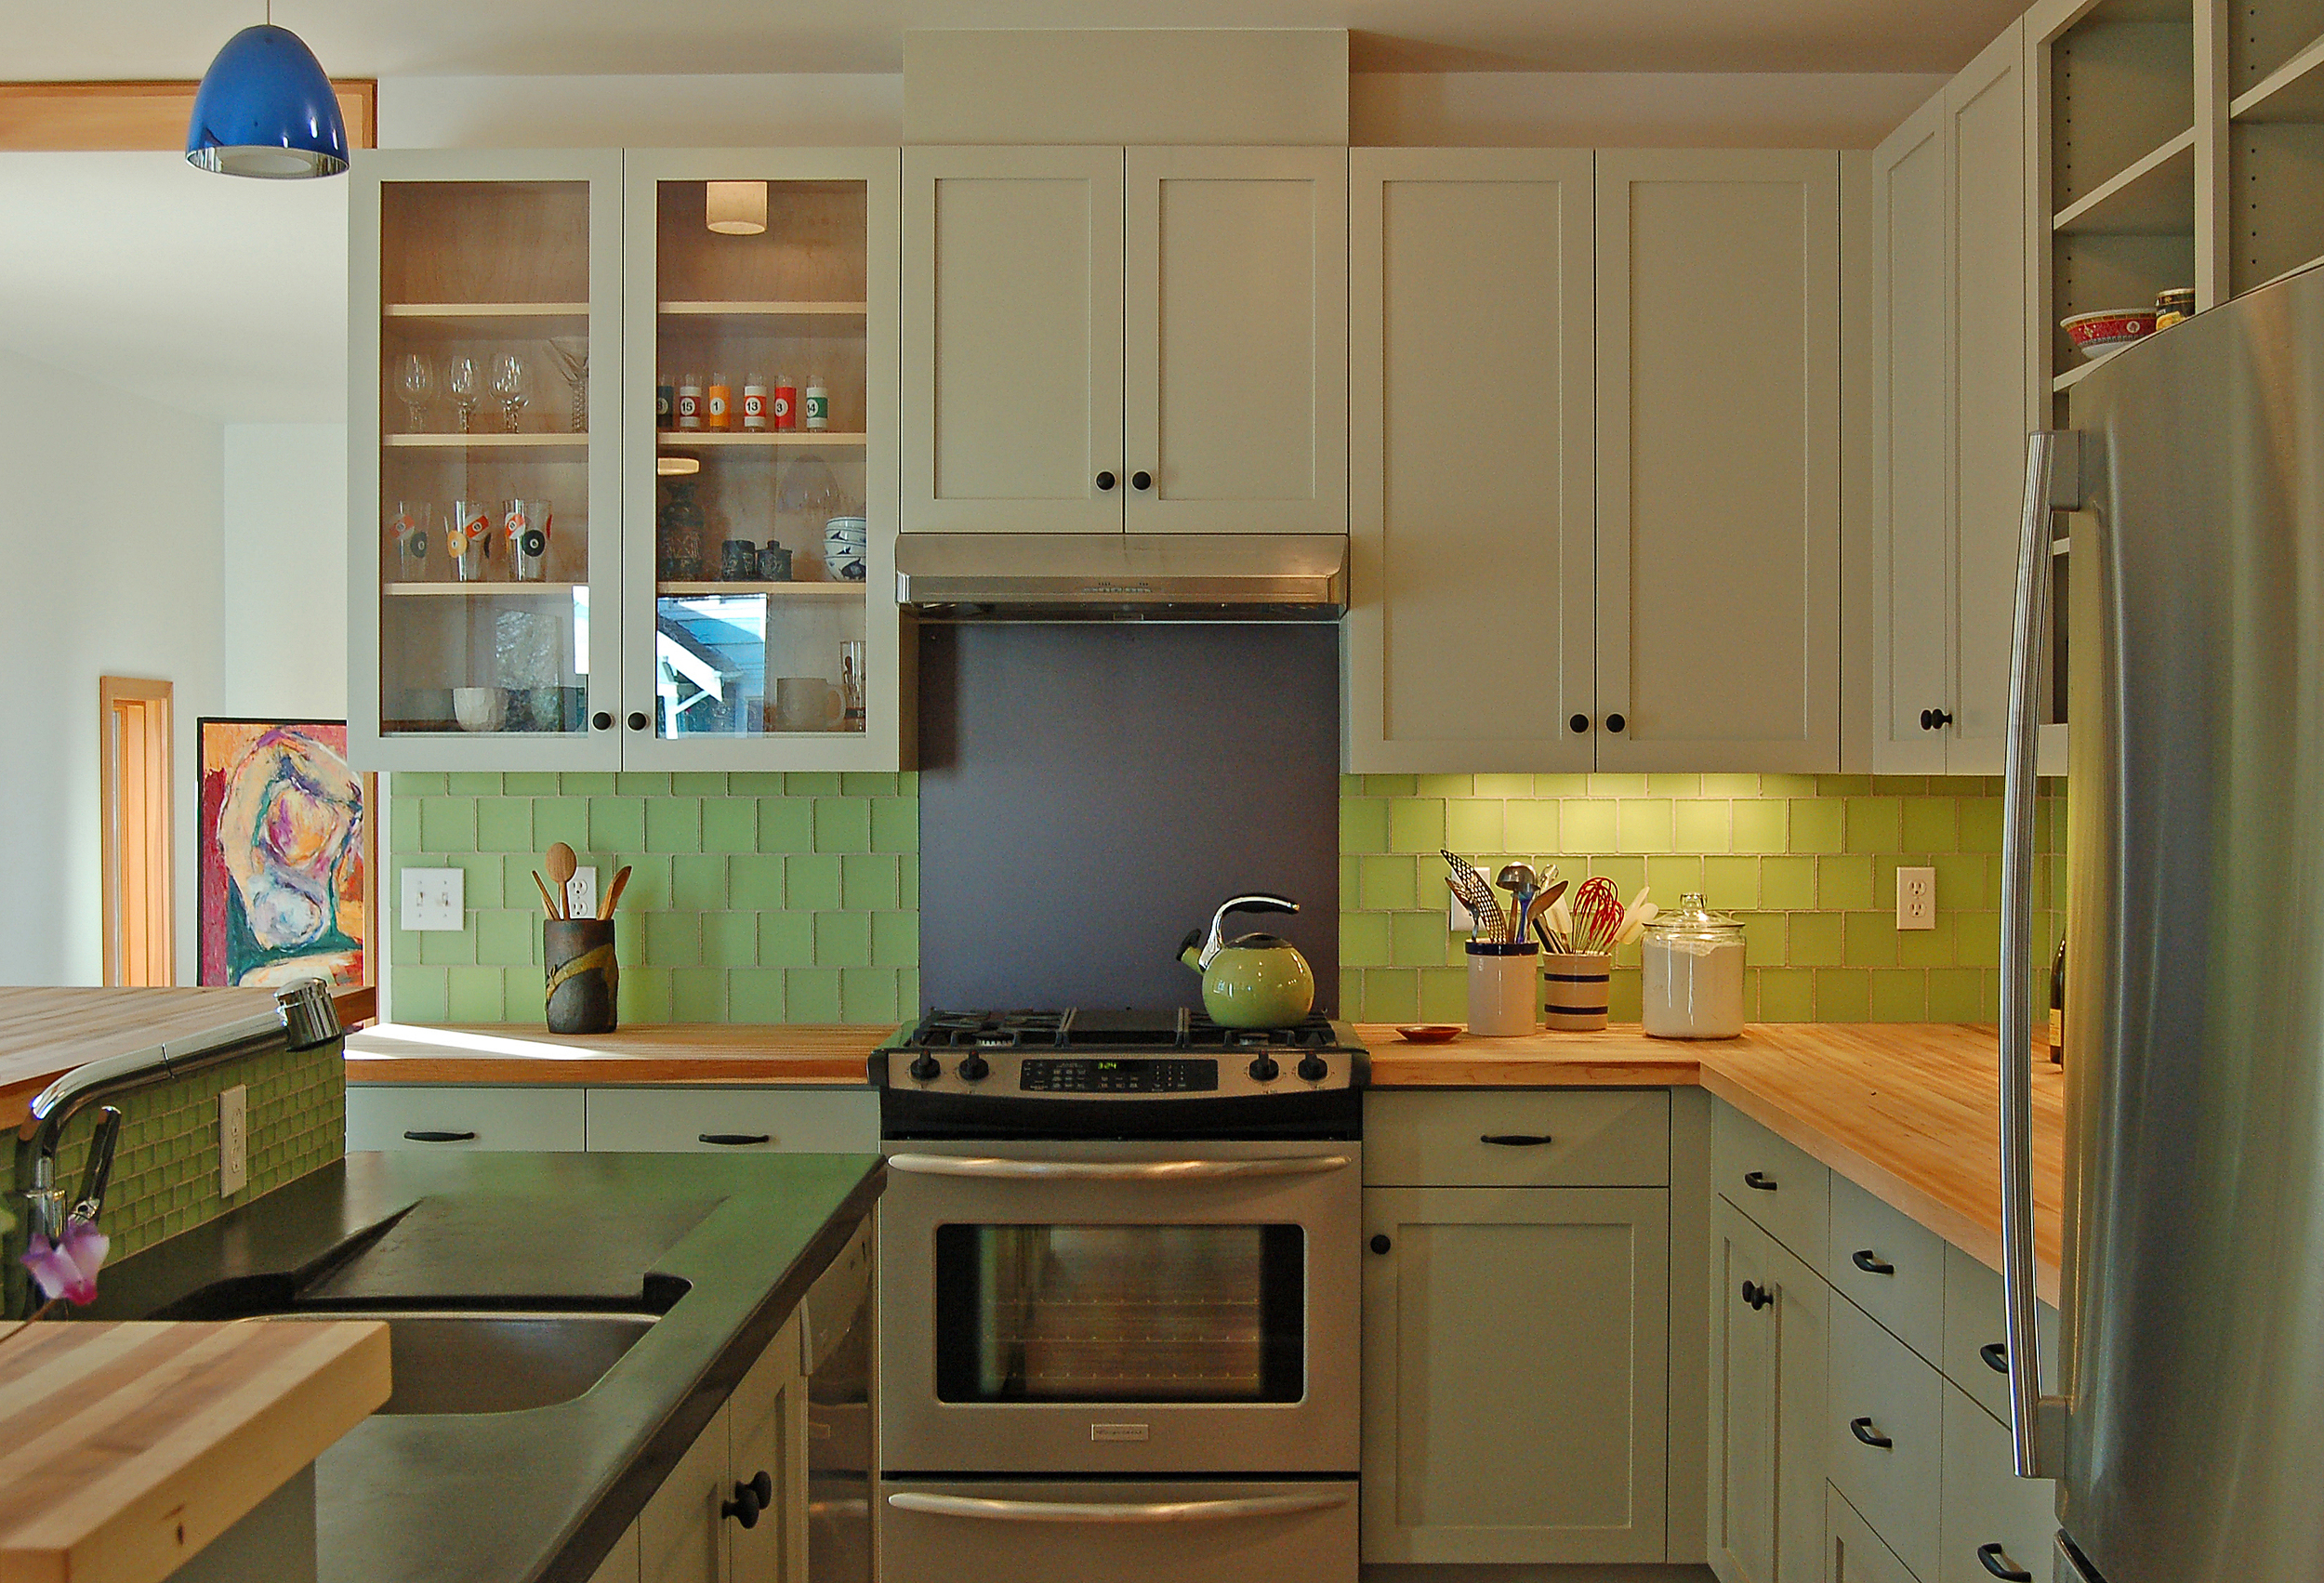 13-Ball-kitchen1.JPG